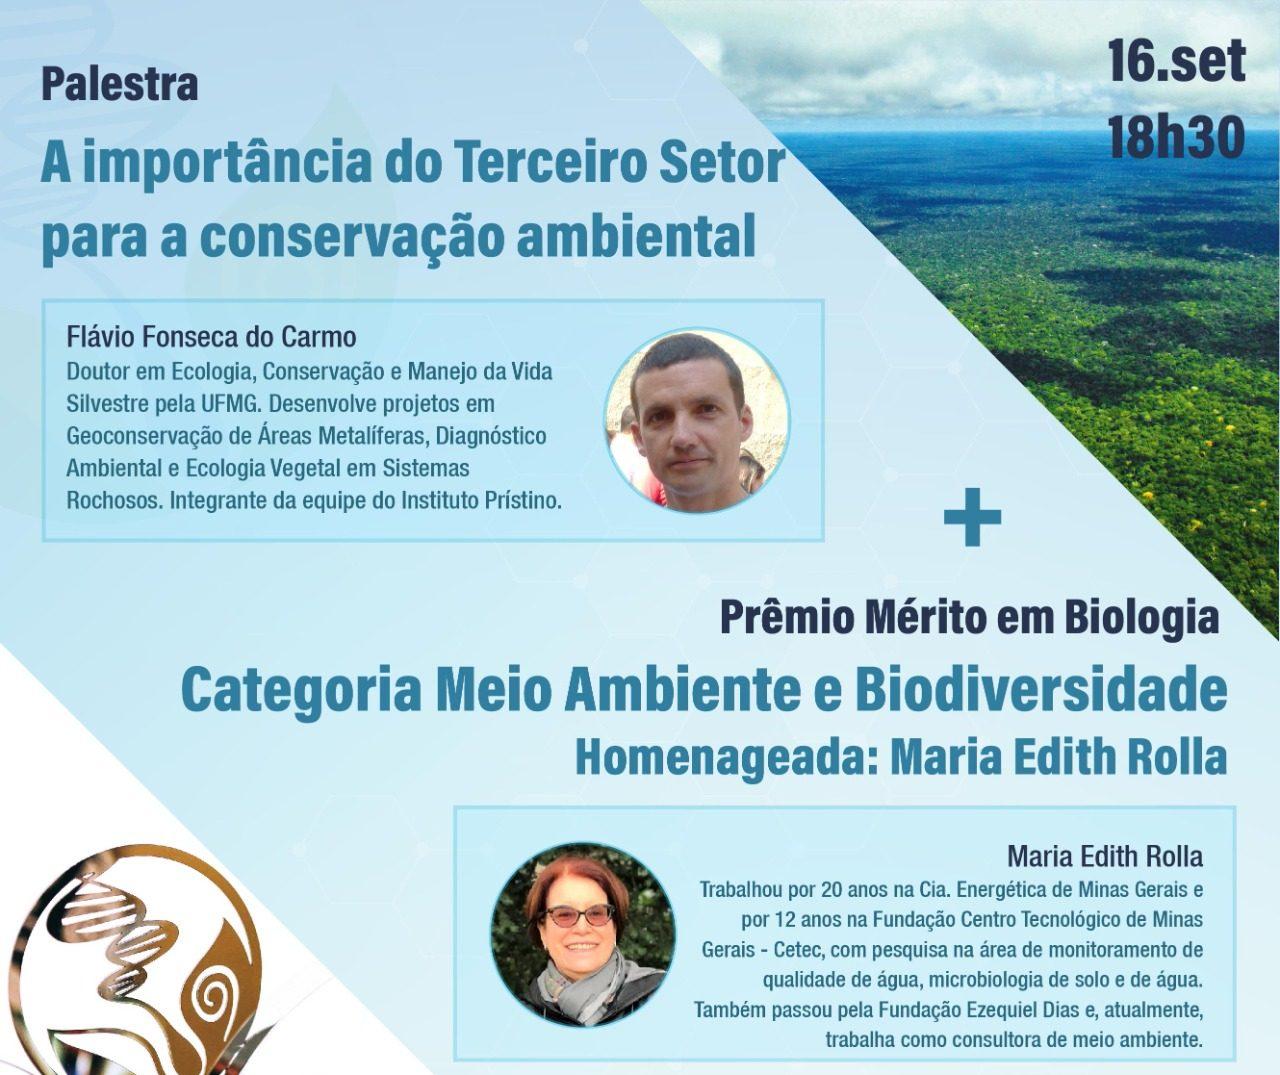 Palestra: A importância do Terceiro Setor para a conservação ambiental